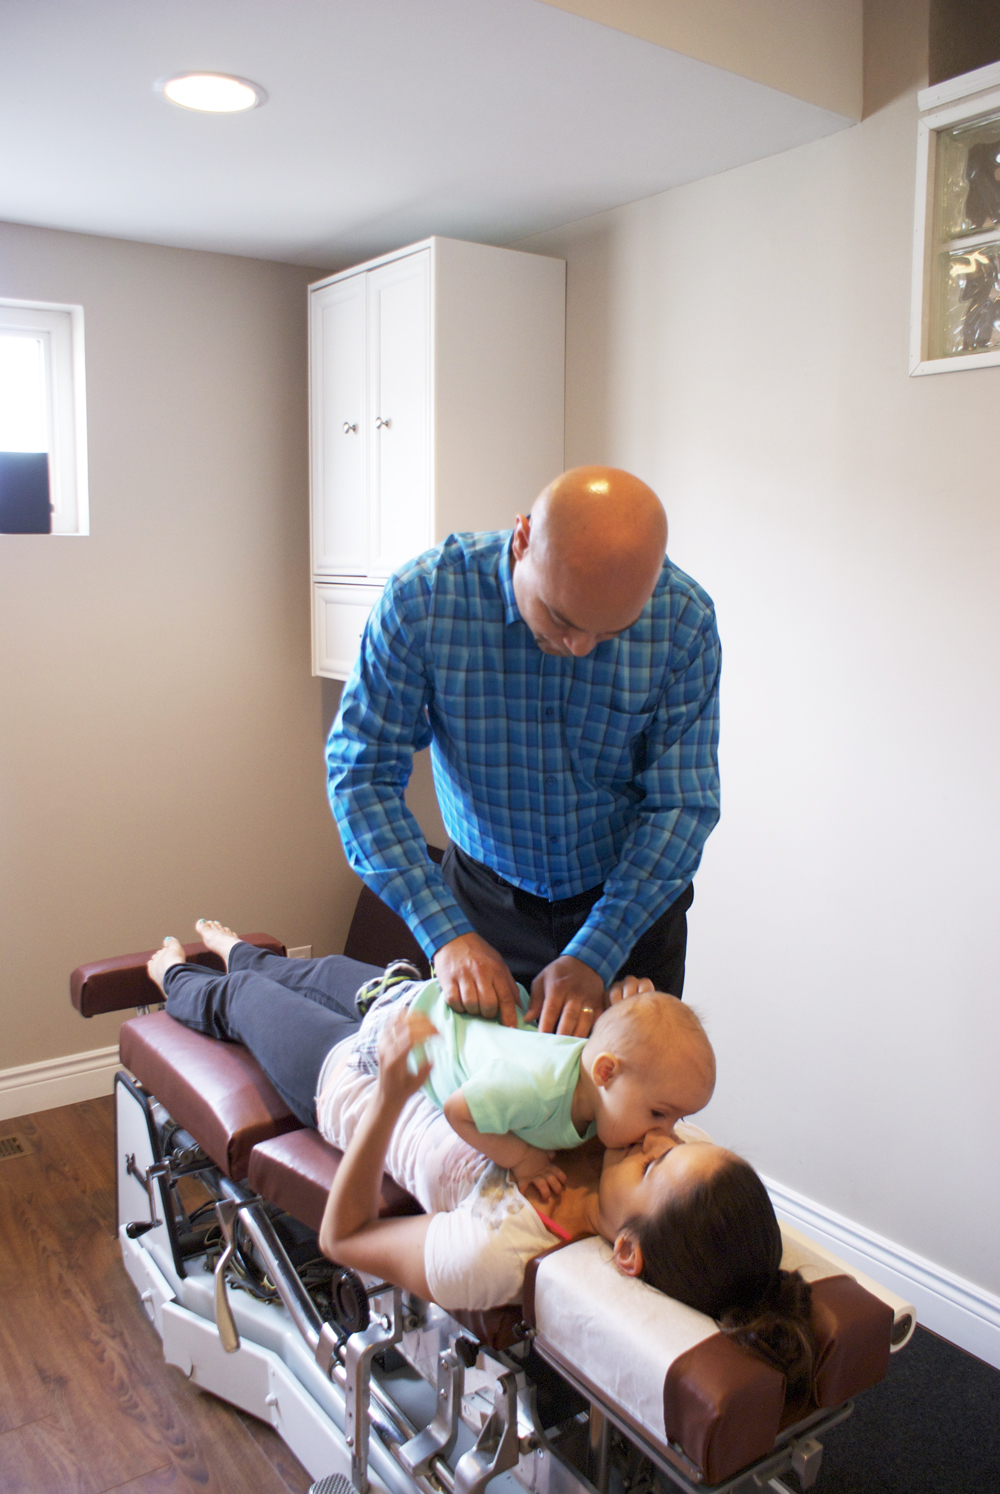 Chiropractic helps children